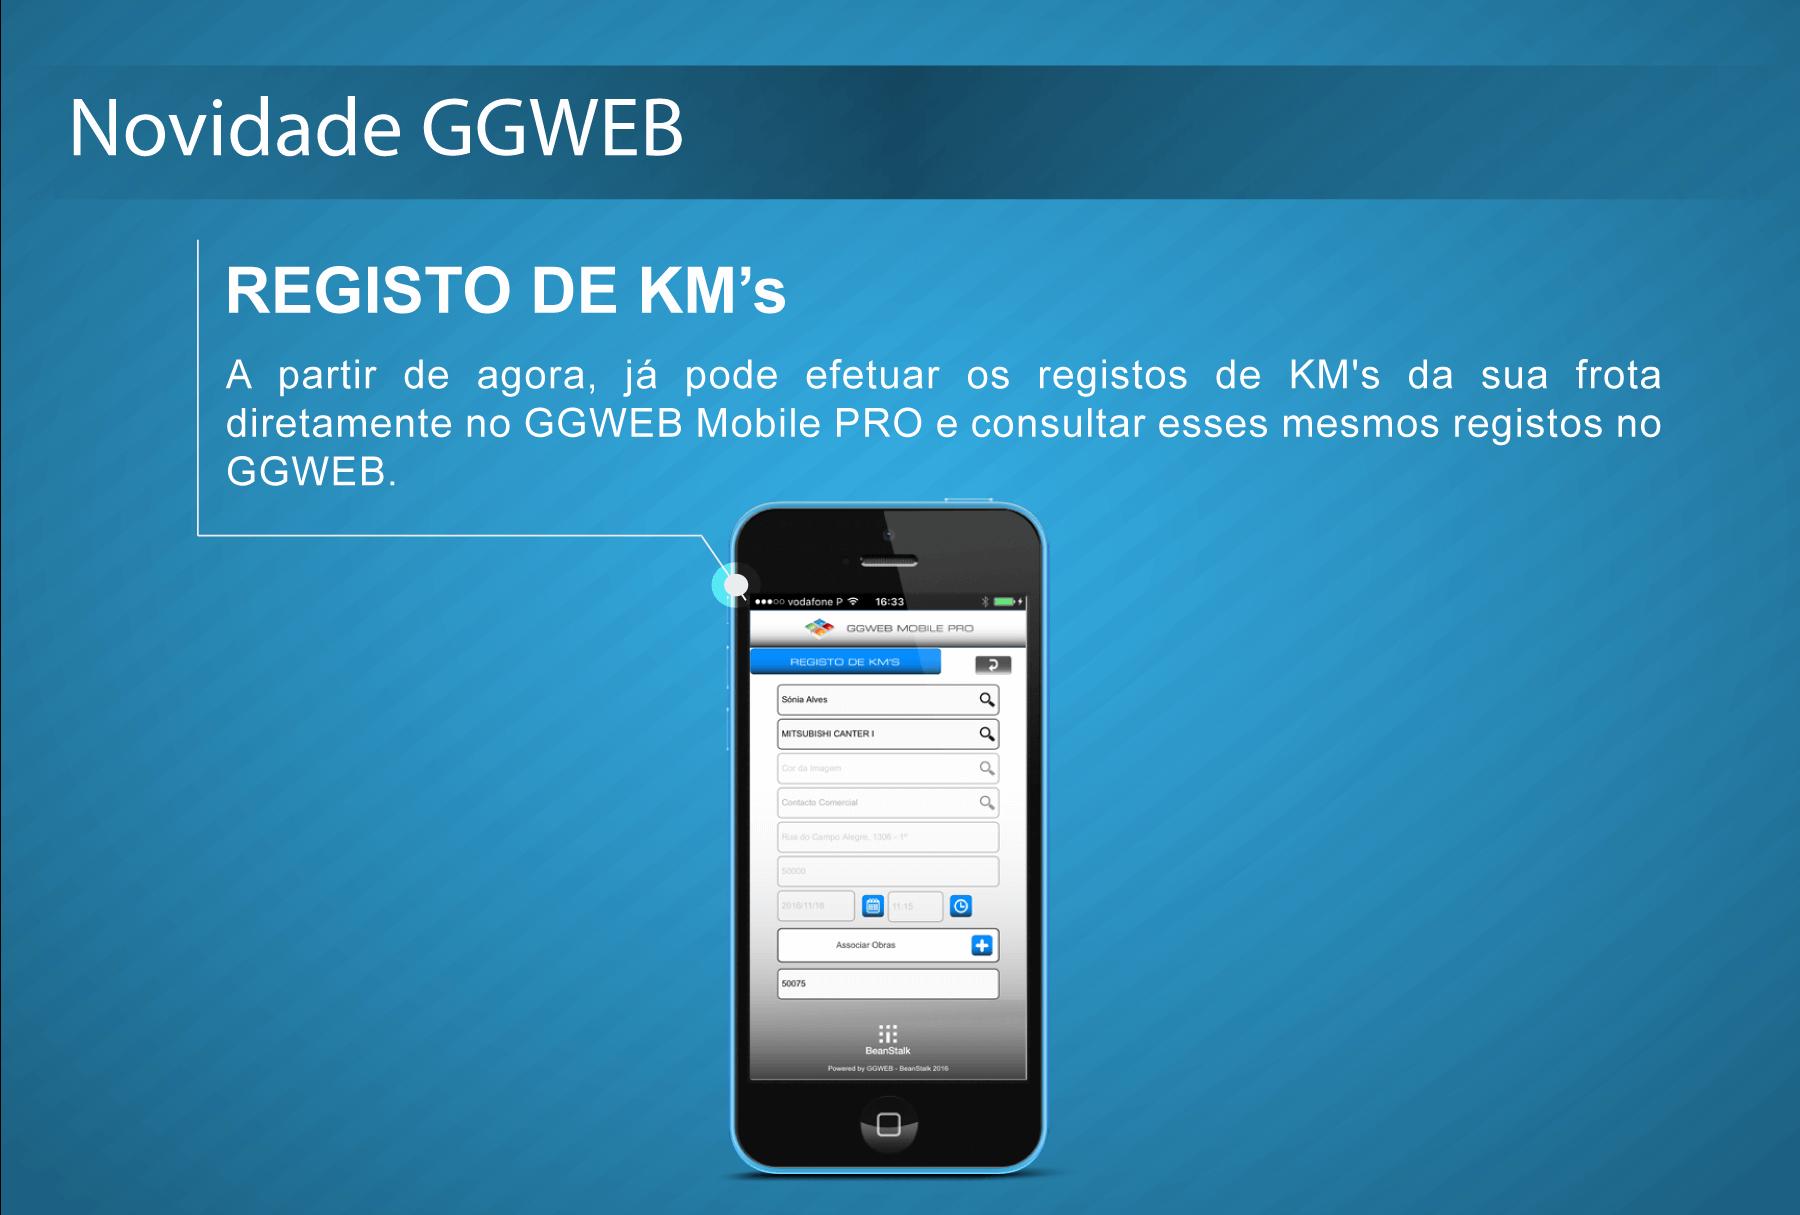 GGWEB Mobile PRO: Registos de KM's